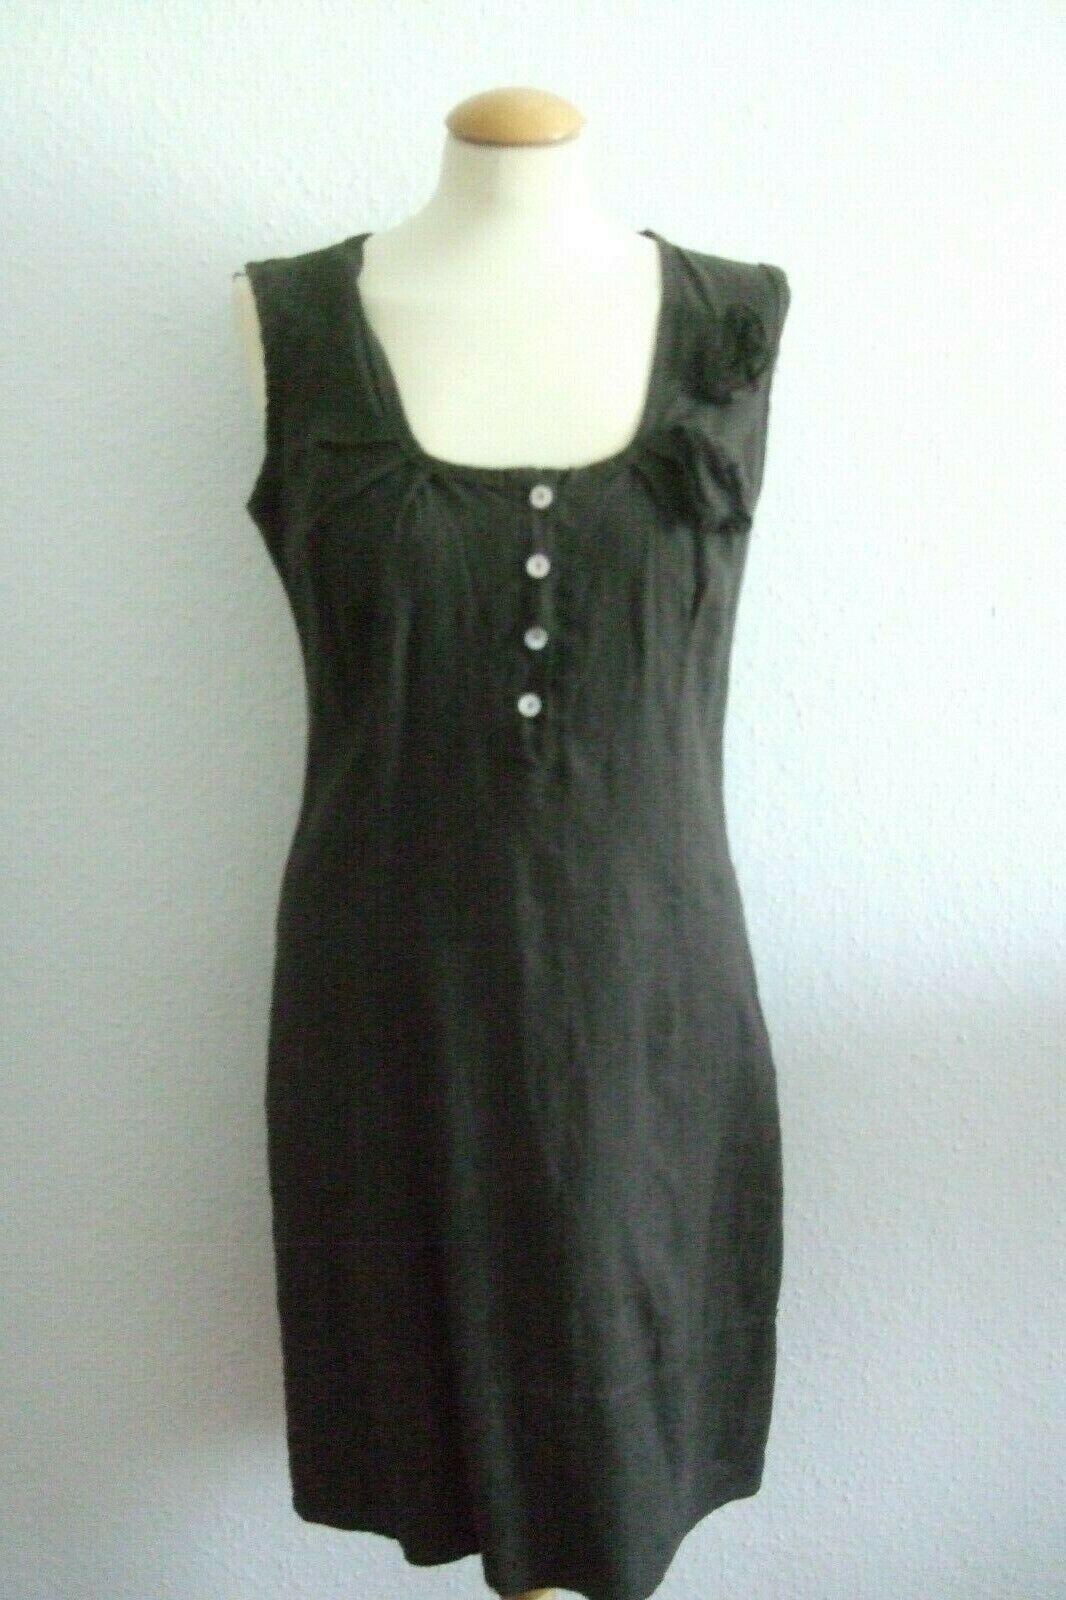 Les Freres Damen Kleid Sommerkleid Leinenkleid Leinen braun (3) L 42 44 Neu